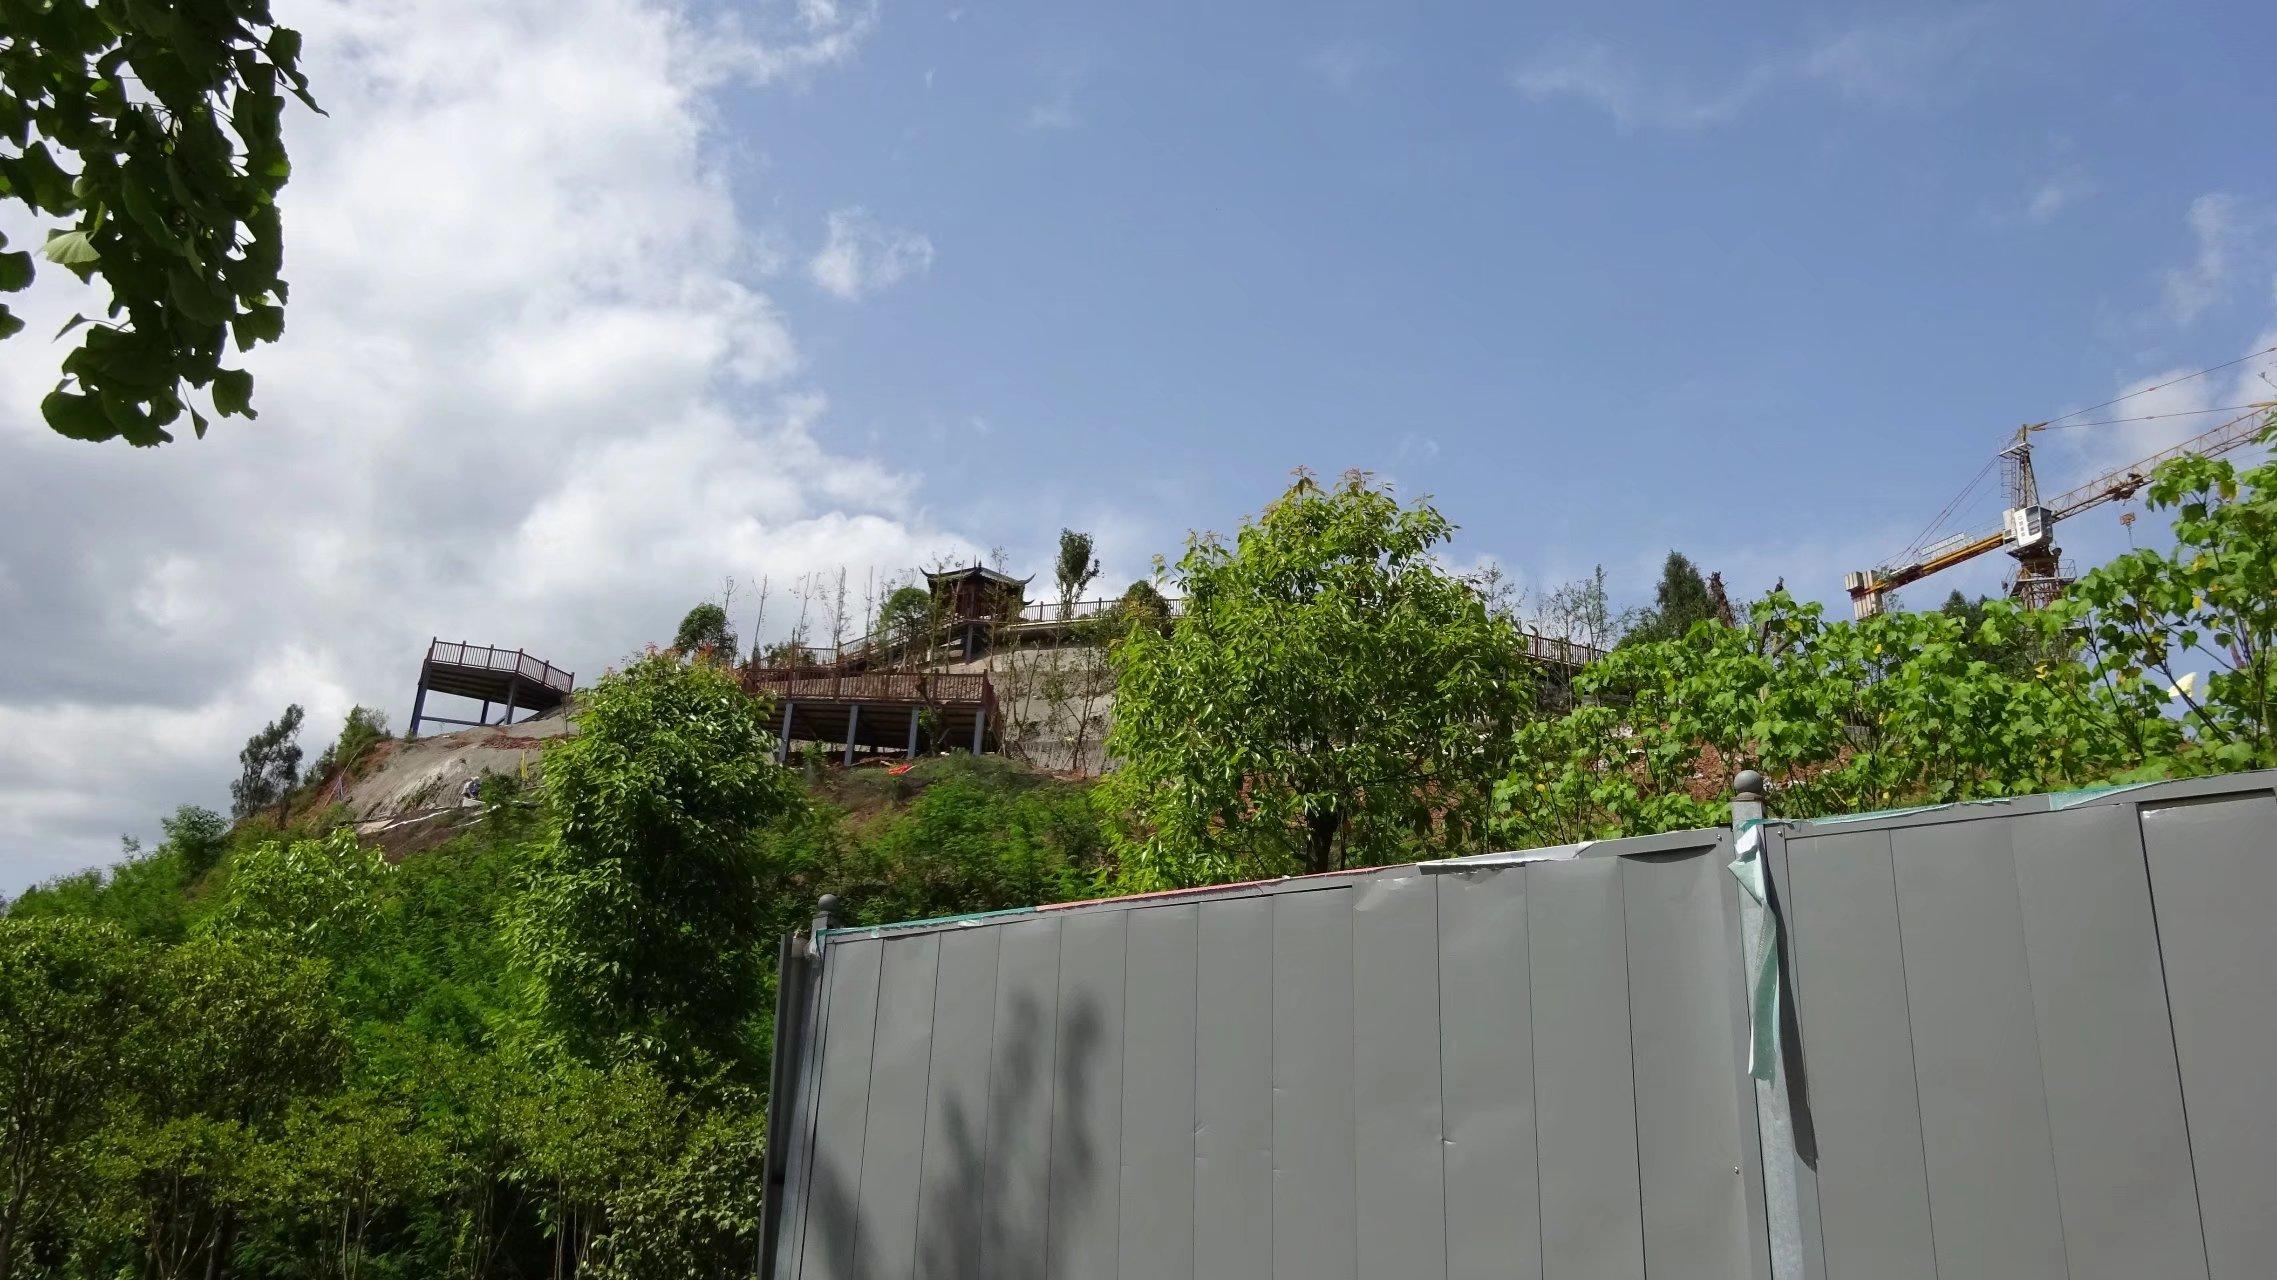 蓬安桑梓火锅公园施工进度(2018-05-10) - 第4张    蓬安在线